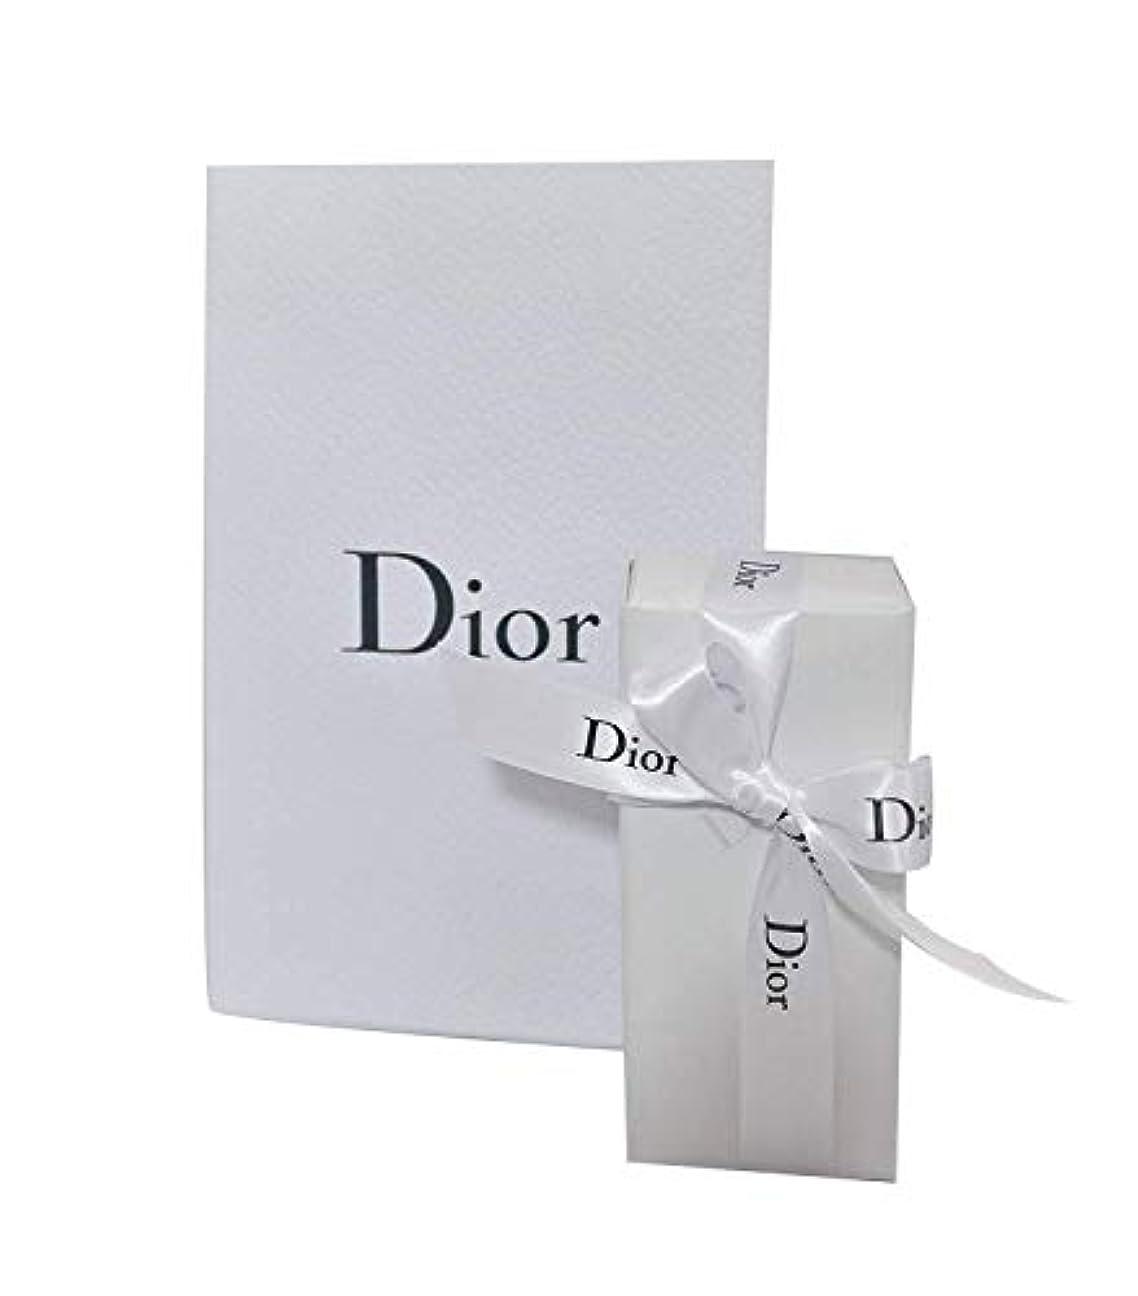 結婚式交じる充実ディオール ミスディオール ボディ オイル 100ml【国内正規品】Dior ディオール ギフト プレゼント リボンラッピング済 ショッパー付き?